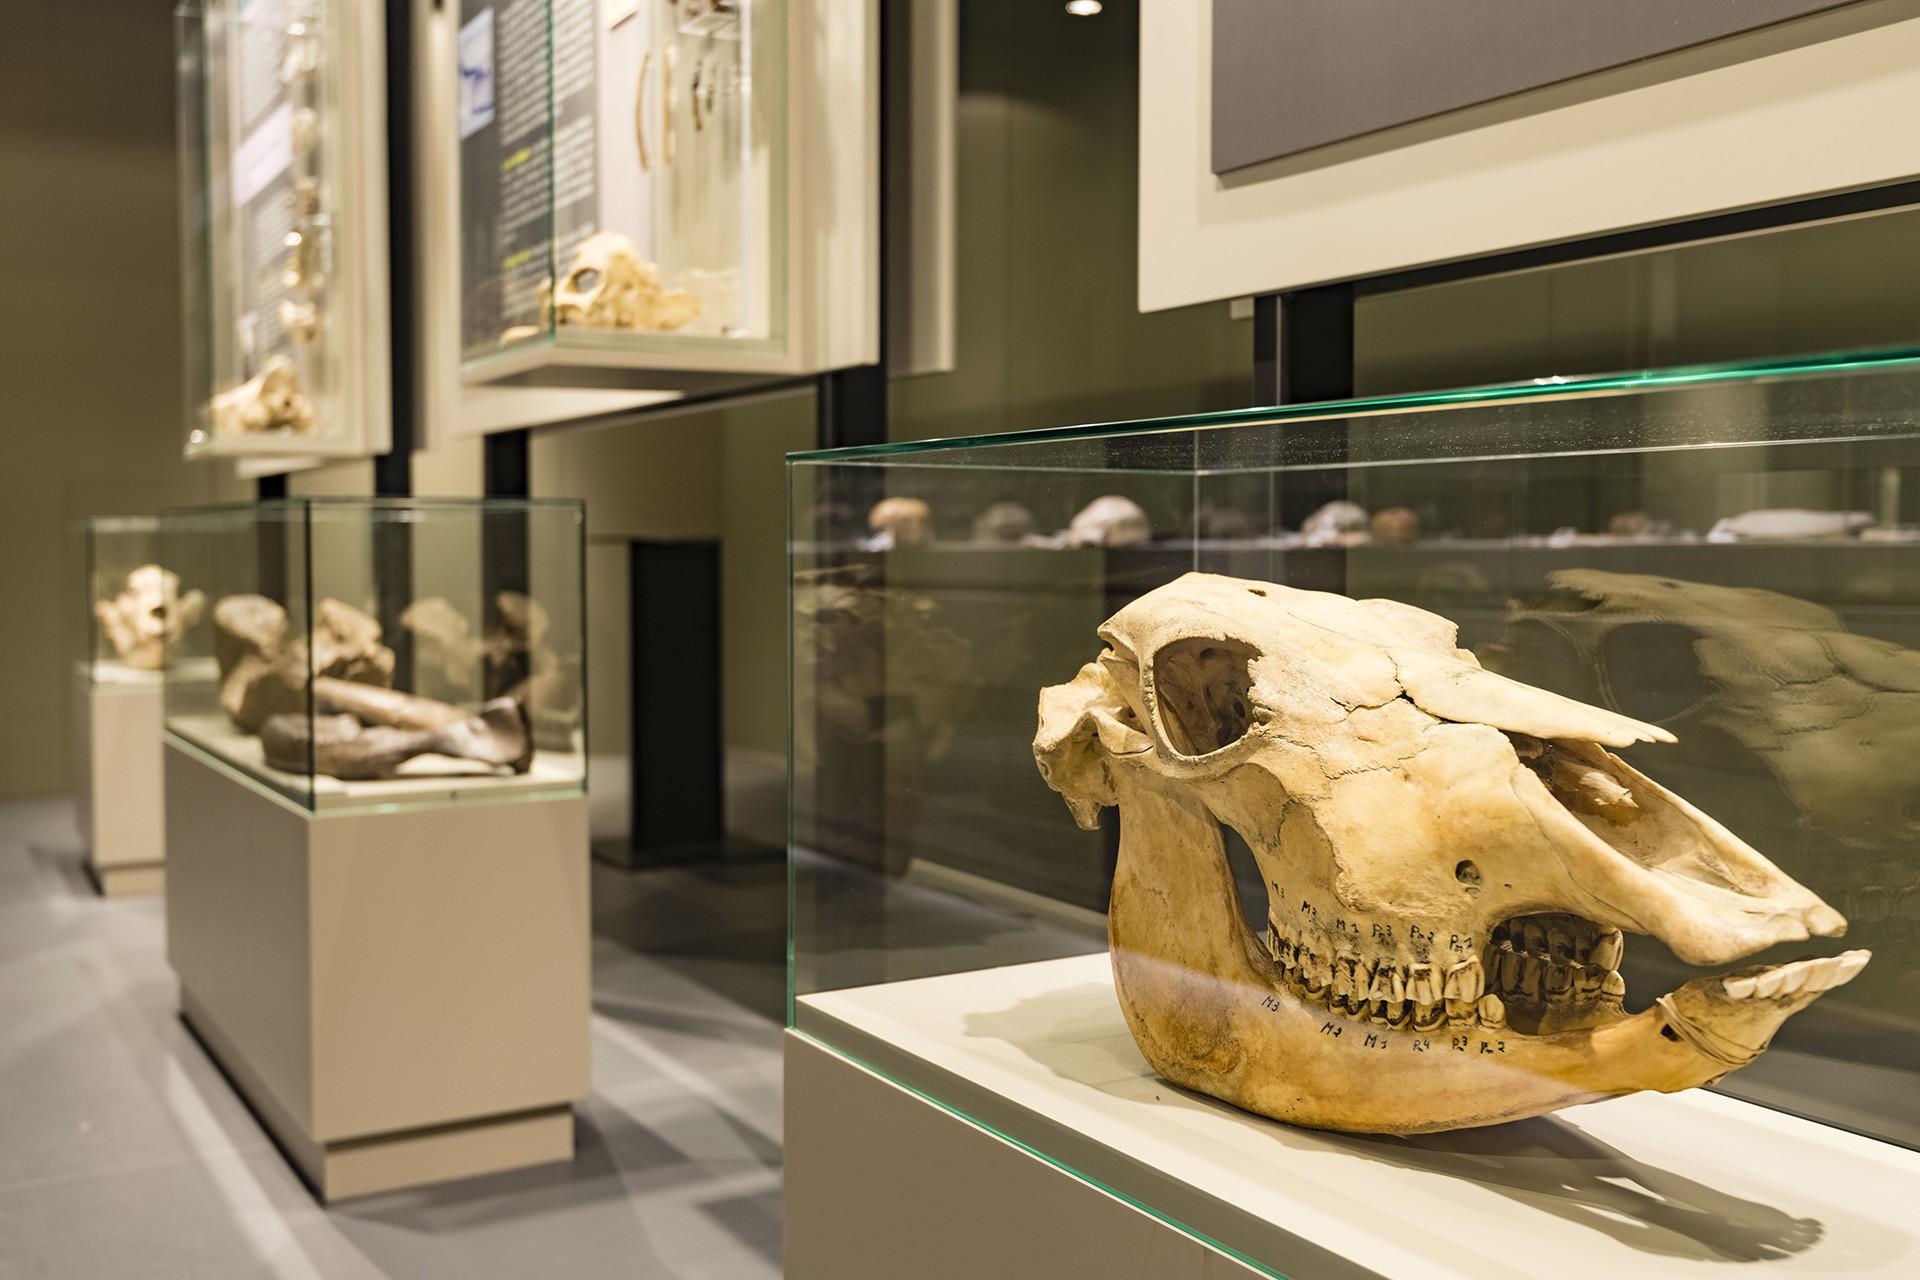 Préhistomuseum de Flémalle